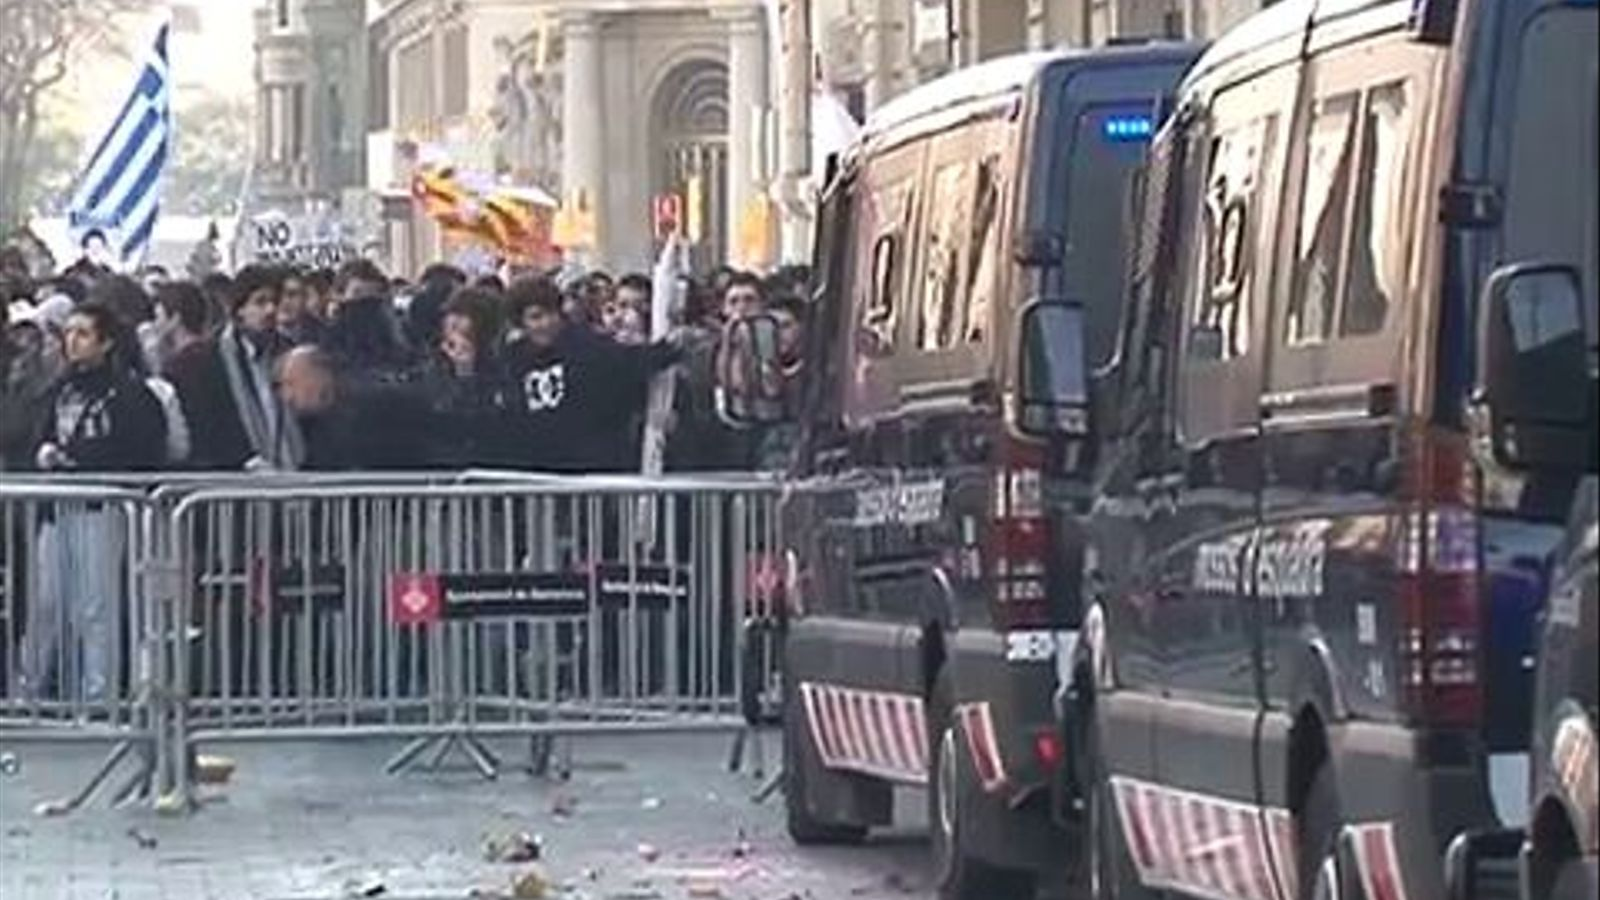 Un grup de manifestants trenquen vidres al Banco Popular durant les protestes universitàries a Barcelona